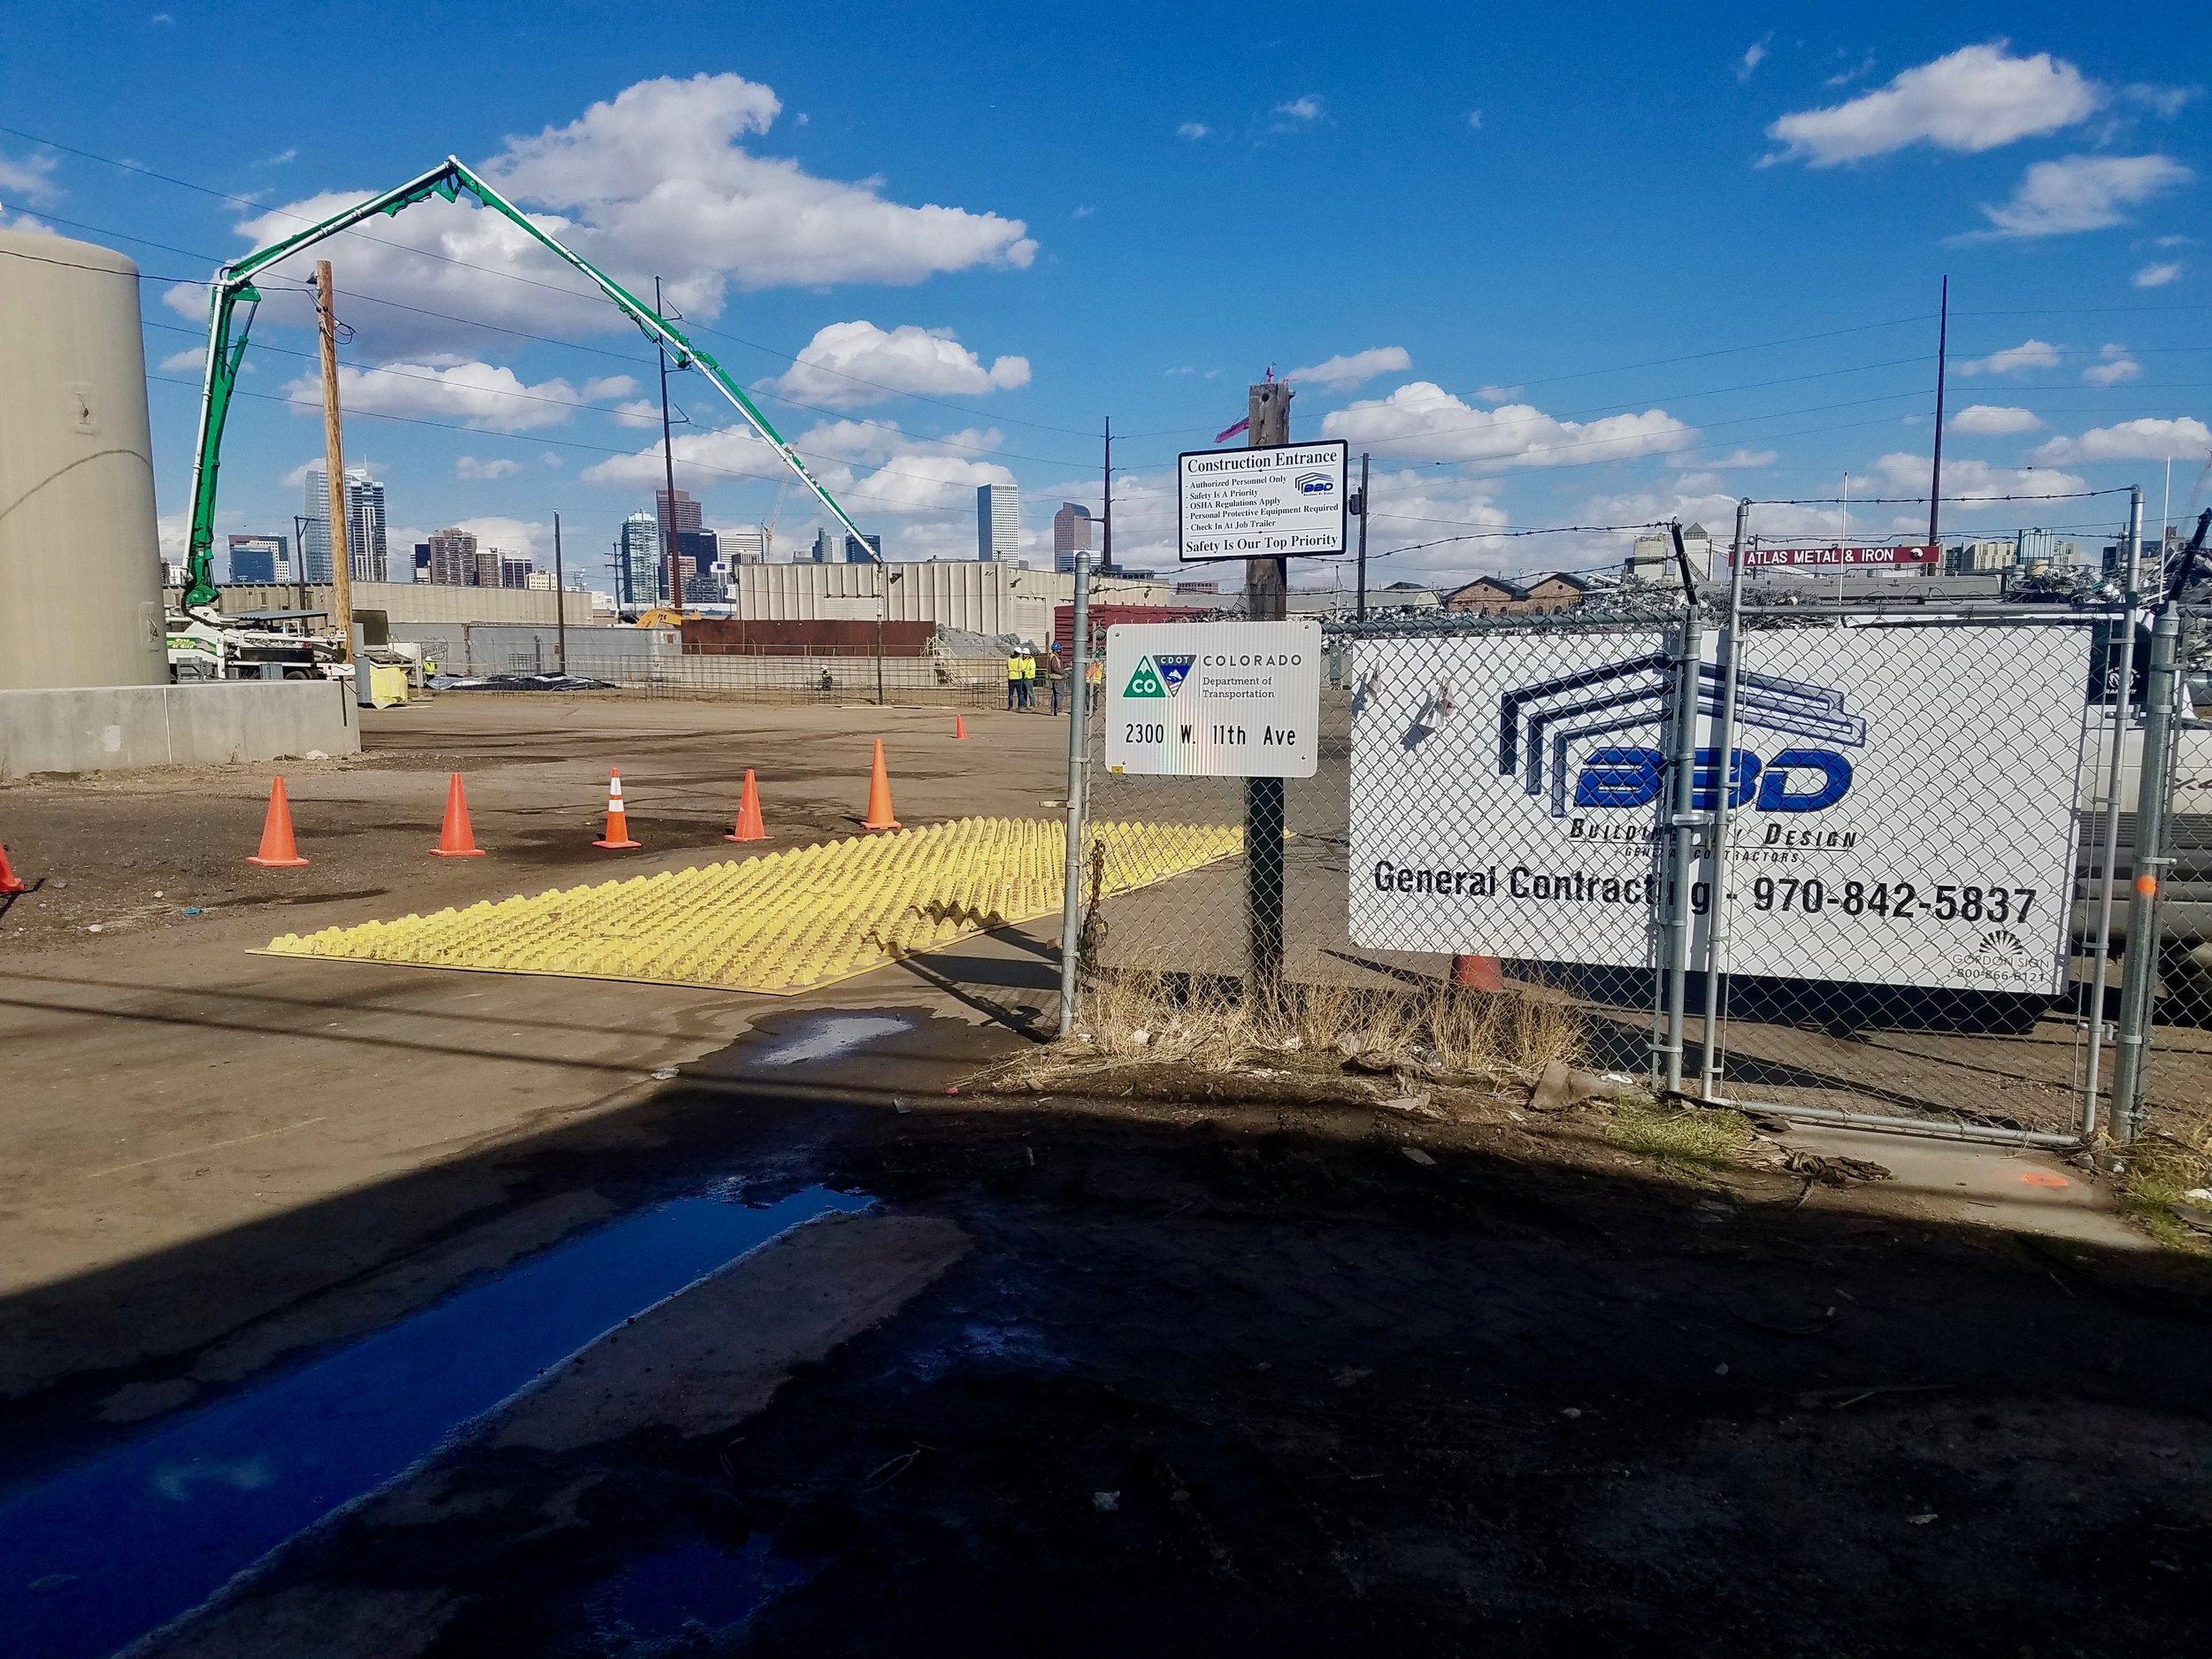 FODS_STABILIZED_CONSTRUCTION_ENTRANCE_rock-less_construction_entrance_track_out_control_Vehicle_Trackout_Control_Vehicle_Track-out_Control_VTC_rip-rap_CDOT_construction_entrance_Colorado_Construction_entrance_asphalt_1.jpg